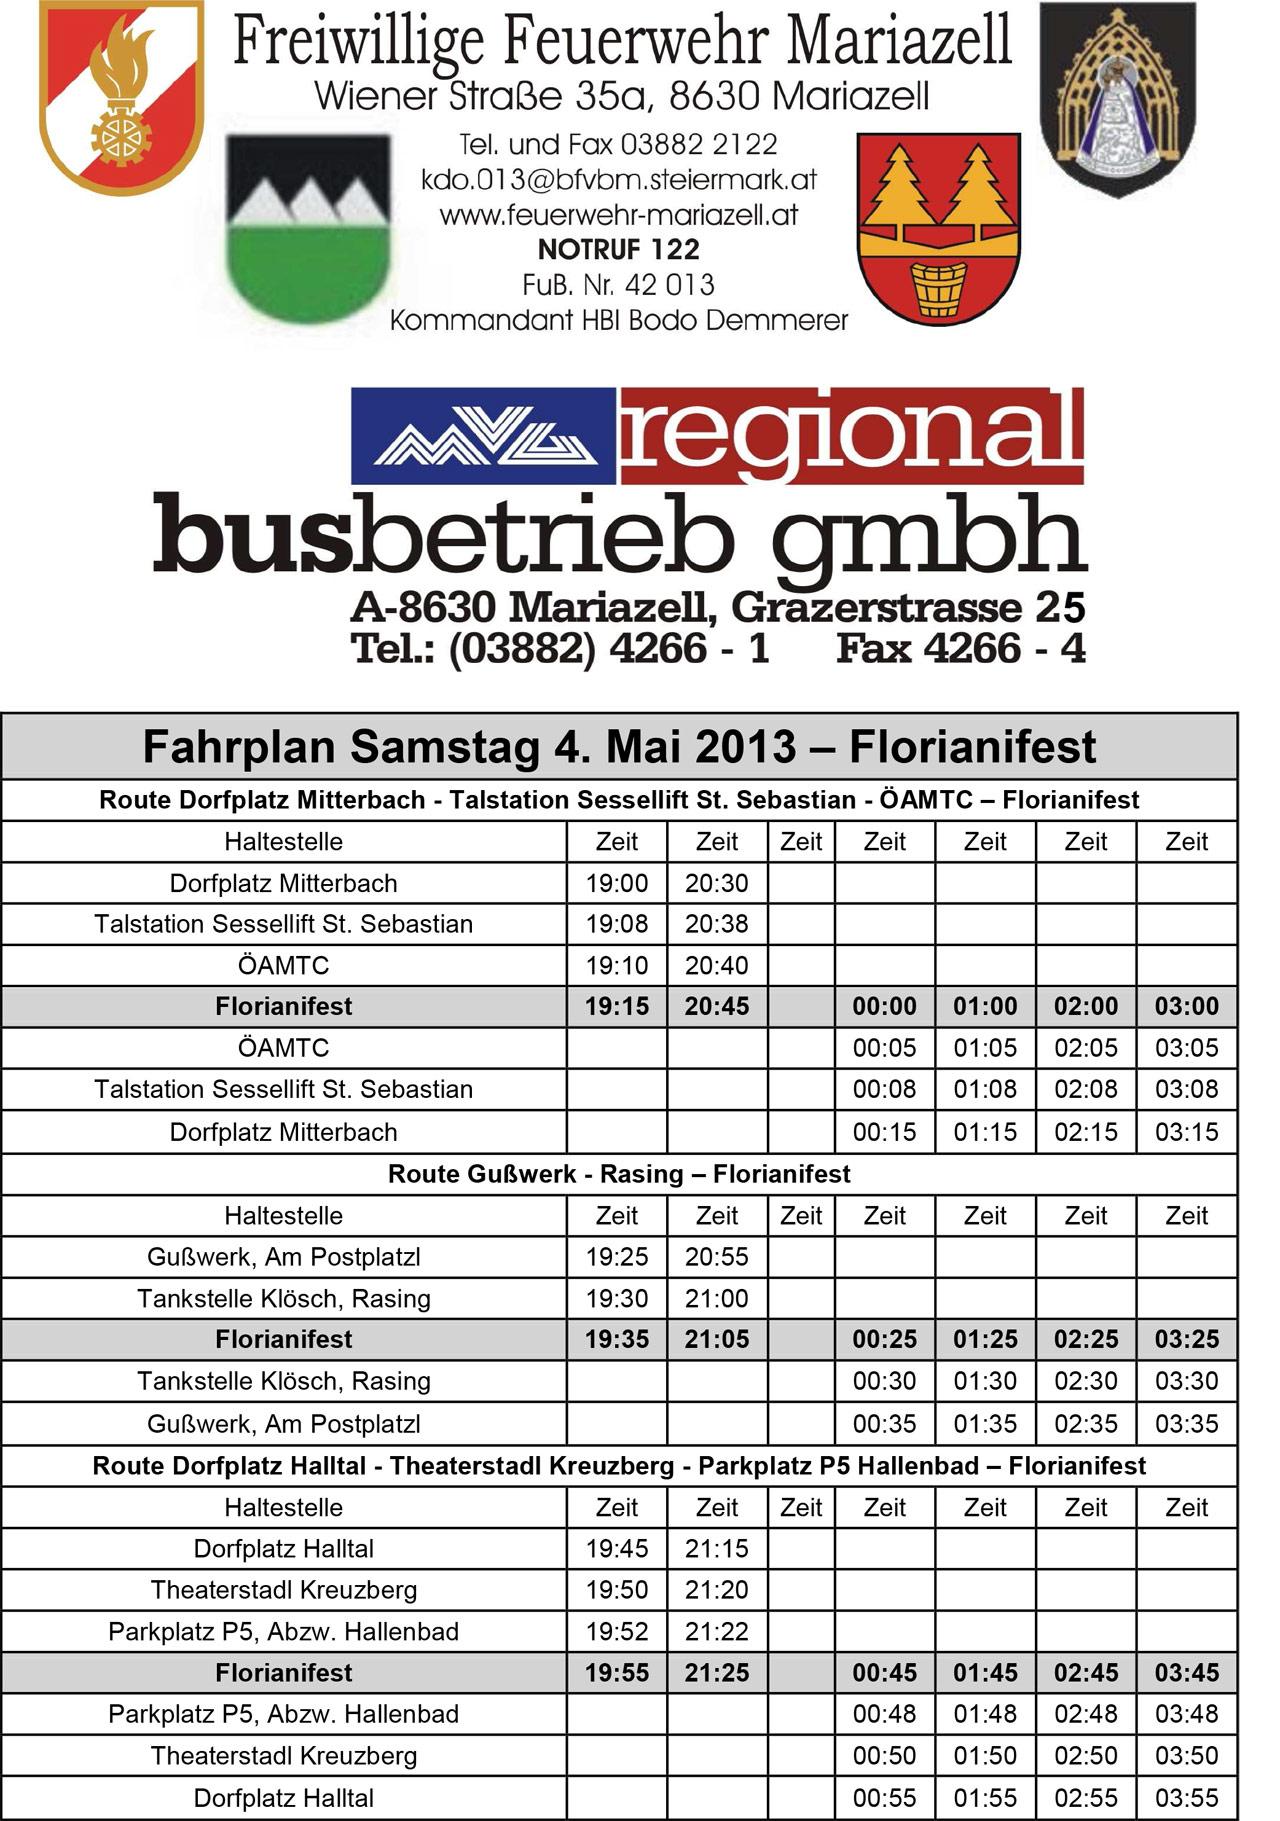 Einladung-Florianifest-2013 Mariazell